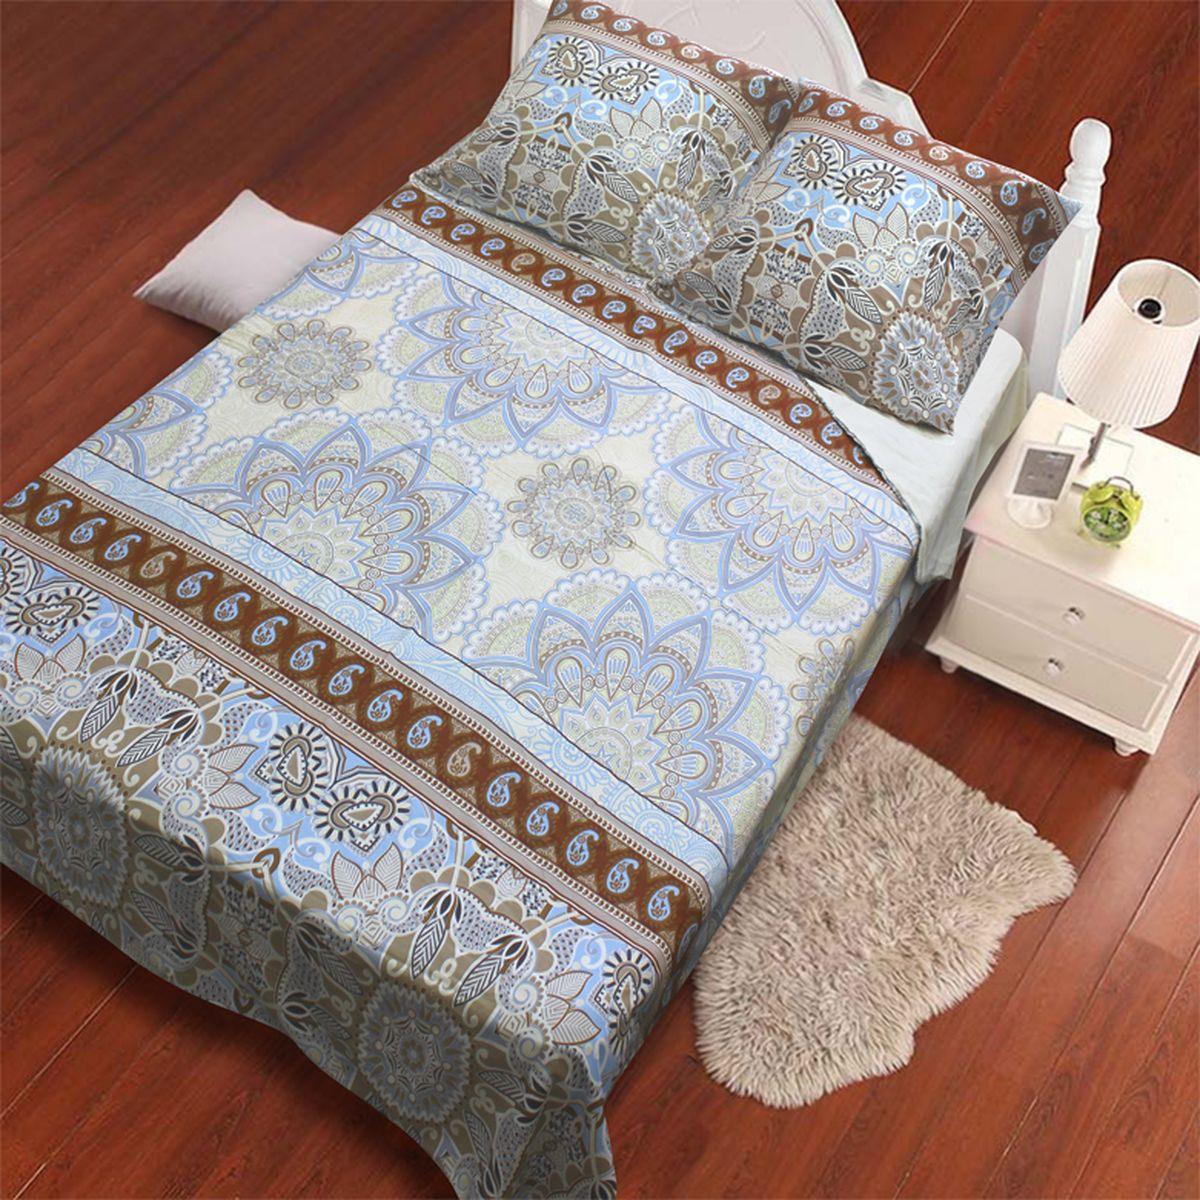 Комплект белья Amore Mio Vostok, 2-спальный, наволочки 70x70, цвет: молочный, бежевый, голубойS03301004Комплект постельного белья Amore Mio является экологически безопасным для всей семьи, так как выполнен из сатина (100% хлопок). Постельное белье оформлено оригинальным рисунком и имеет изысканный внешний вид. Сатин - это ткань сатинового (атласного) переплетения нитей. Имеет гладкую, шелковистую лицевую поверхность, на которой преобладают уточные нити (уток - горизонтально расположенные в тканом полотне нити). Сатин изготавливается из крученой хлопковой нити двойного плетения. Он чрезвычайно приятен на ощупь, не электризуется и не скользит по кровати. Сатин прекрасно сохраняет форму и не мнется, отлично пропускает воздух, что позволяет телу дышать и дарит здоровый и комфортный сон.Комплект состоит из пододеяльника, простыни и двух наволочек.